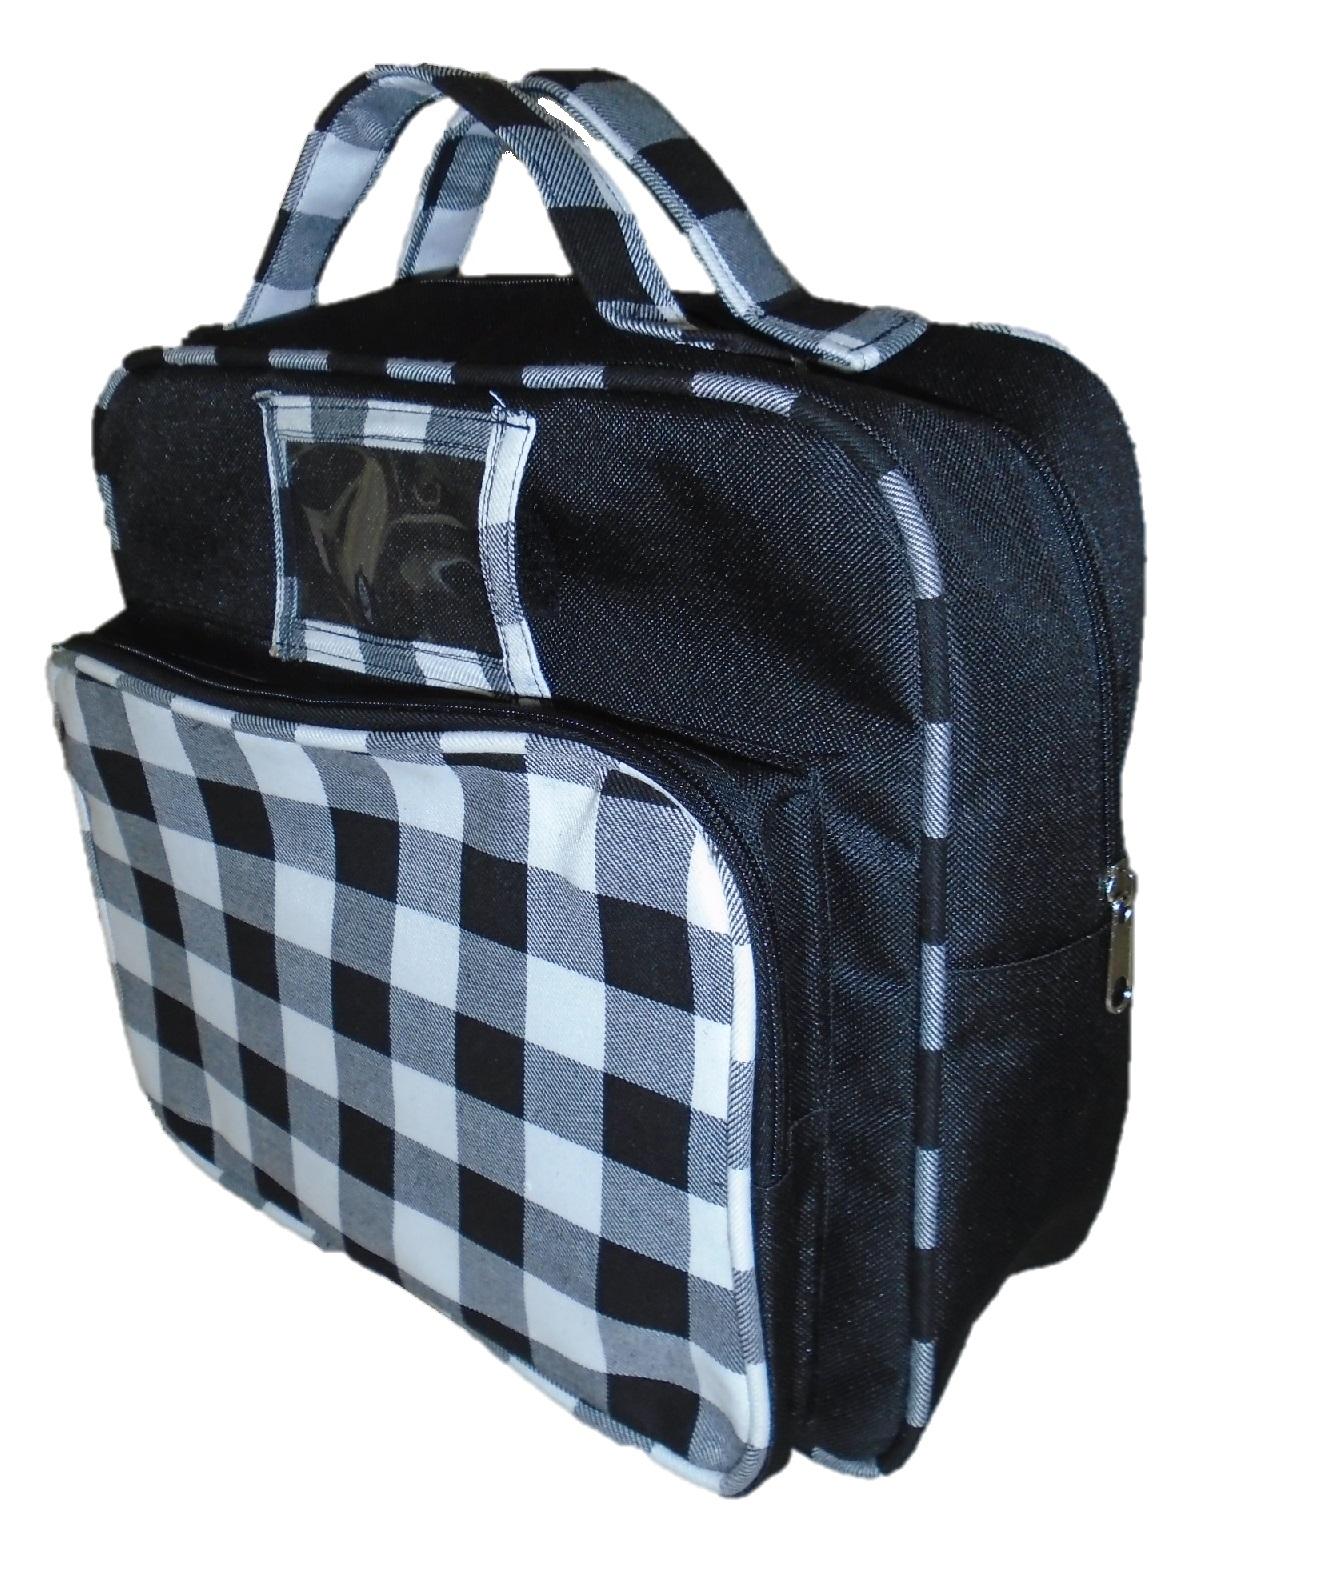 School Bag-(YPSB0006)